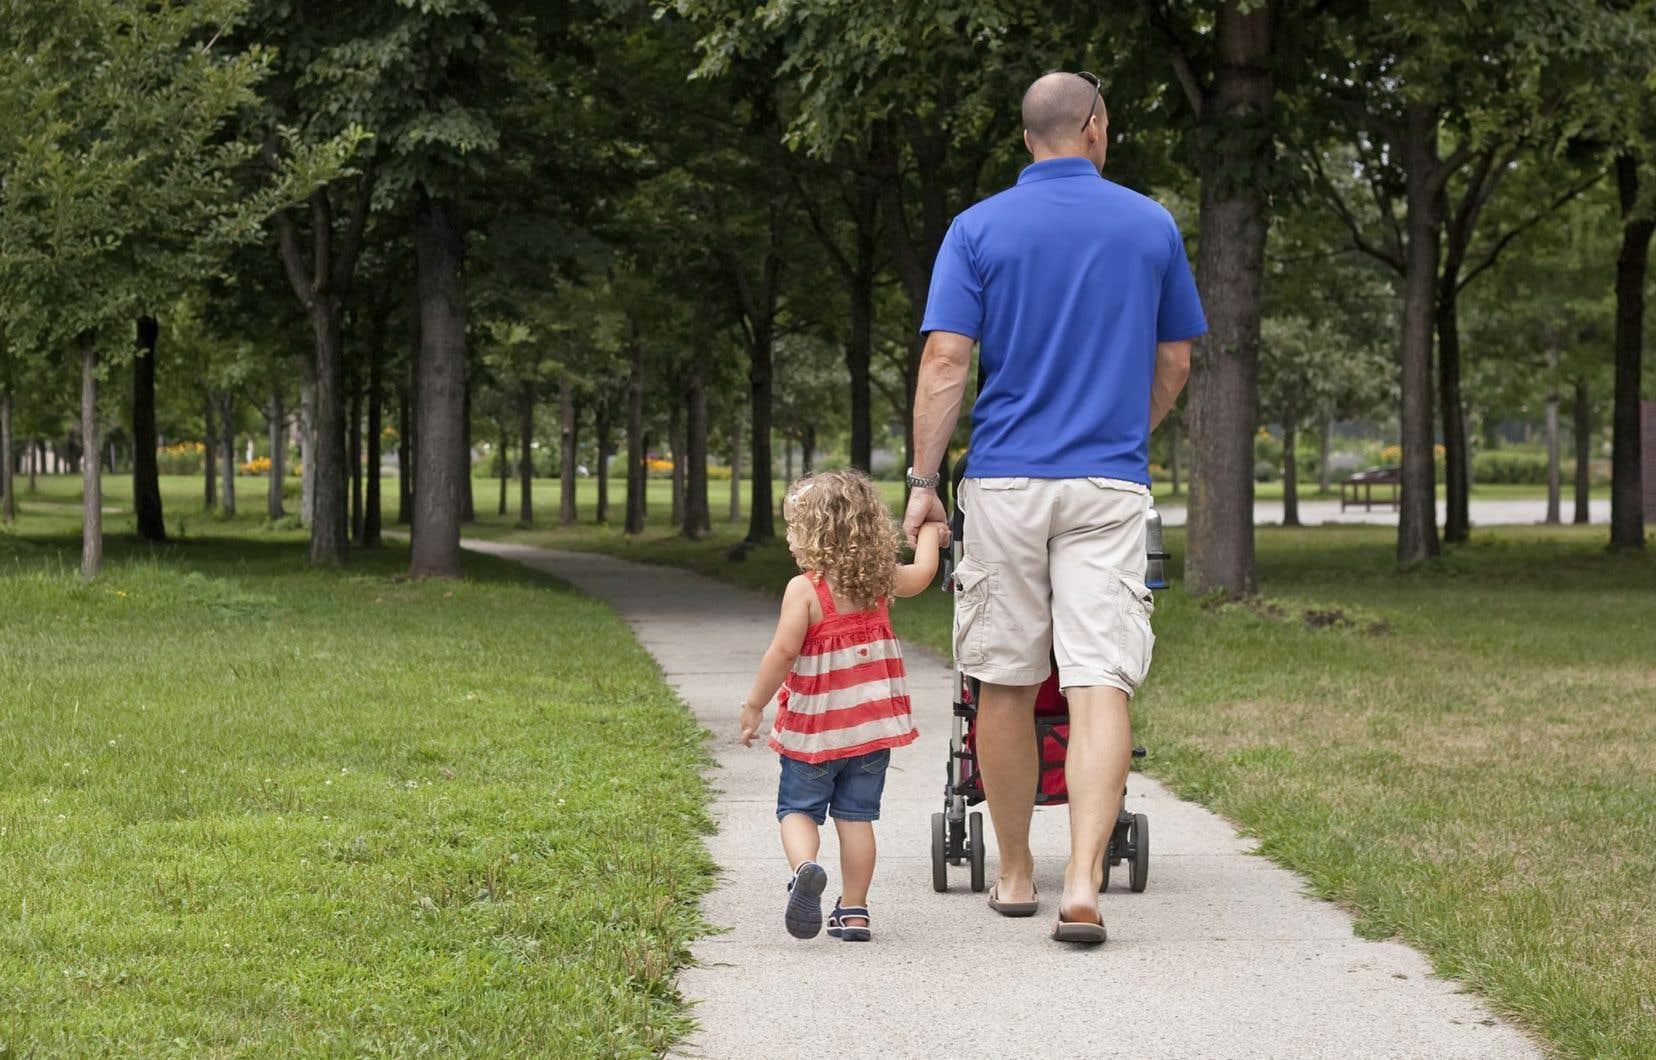 «Les papas d'aujourd'hui sont impliqués dans toutes les étapes du développement de leurs enfants, de la pouponnière à la collation des grades, et sont des acteurs de premier plan au sein de leur équipe parentale», écrivent les auteurs.